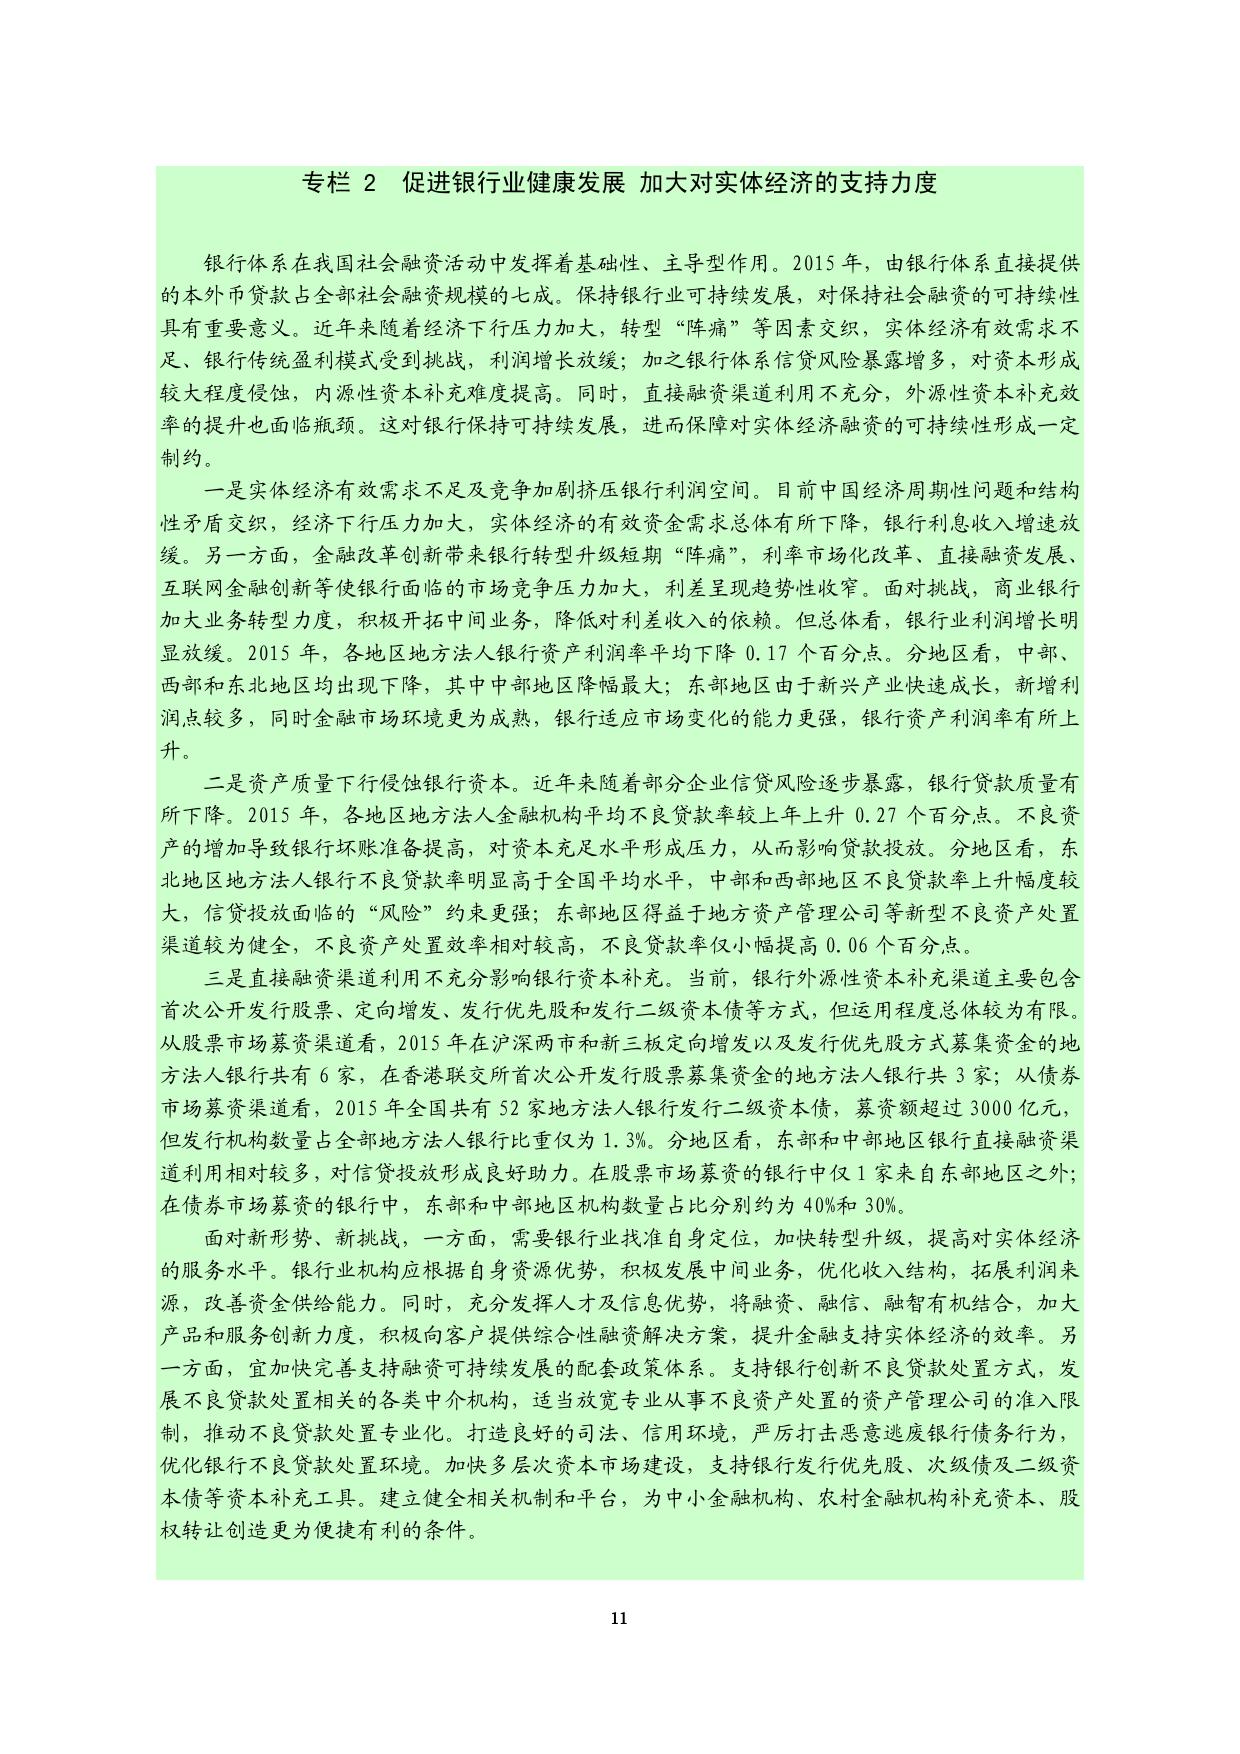 2015年中国区域金融运行报告_000014